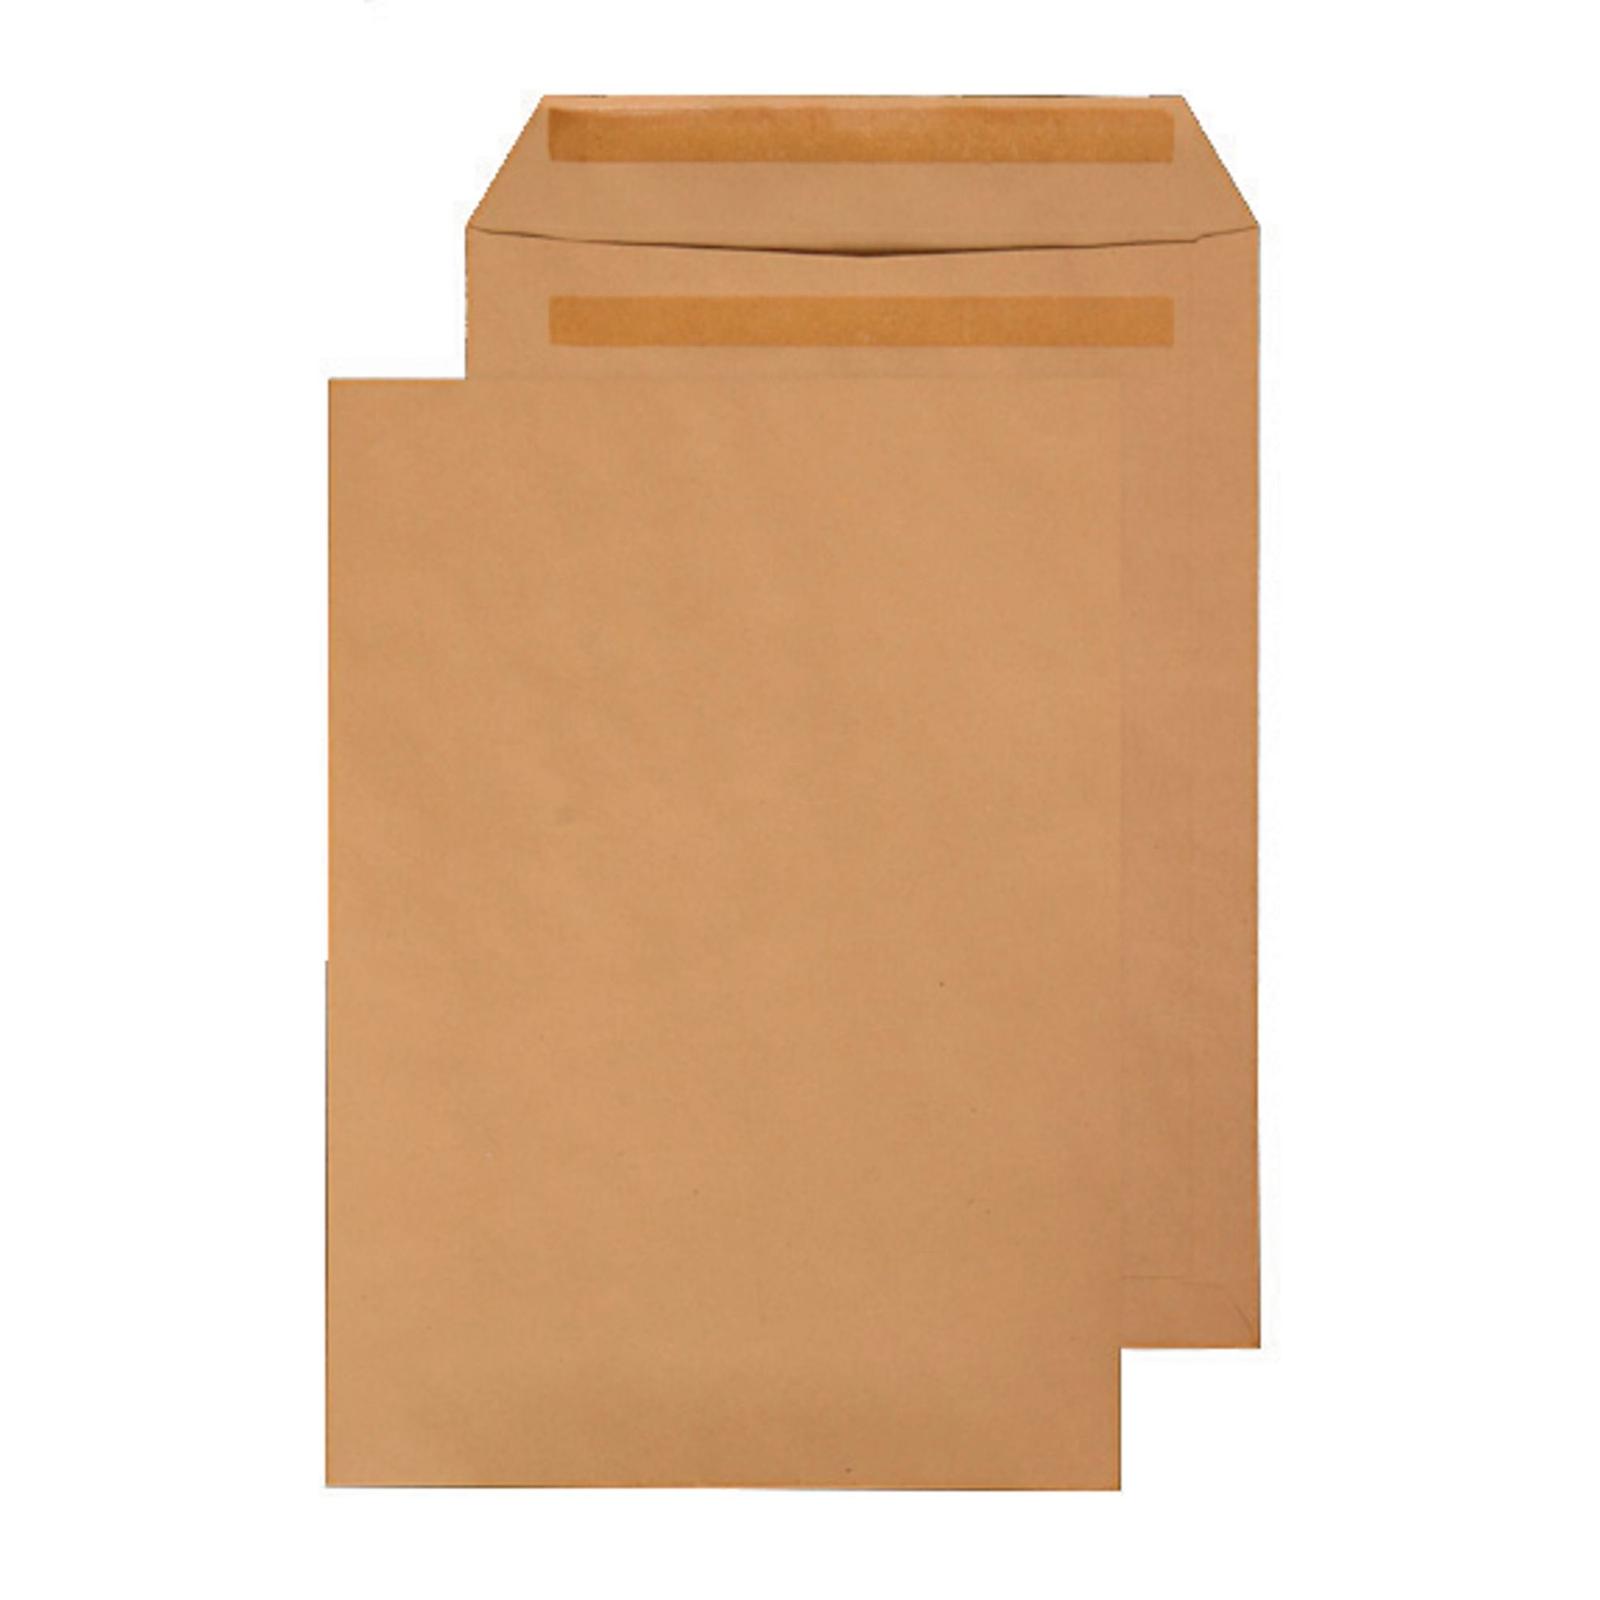 C4 Manilla Buff Self Seal Pocket Envelopes - Box of 250